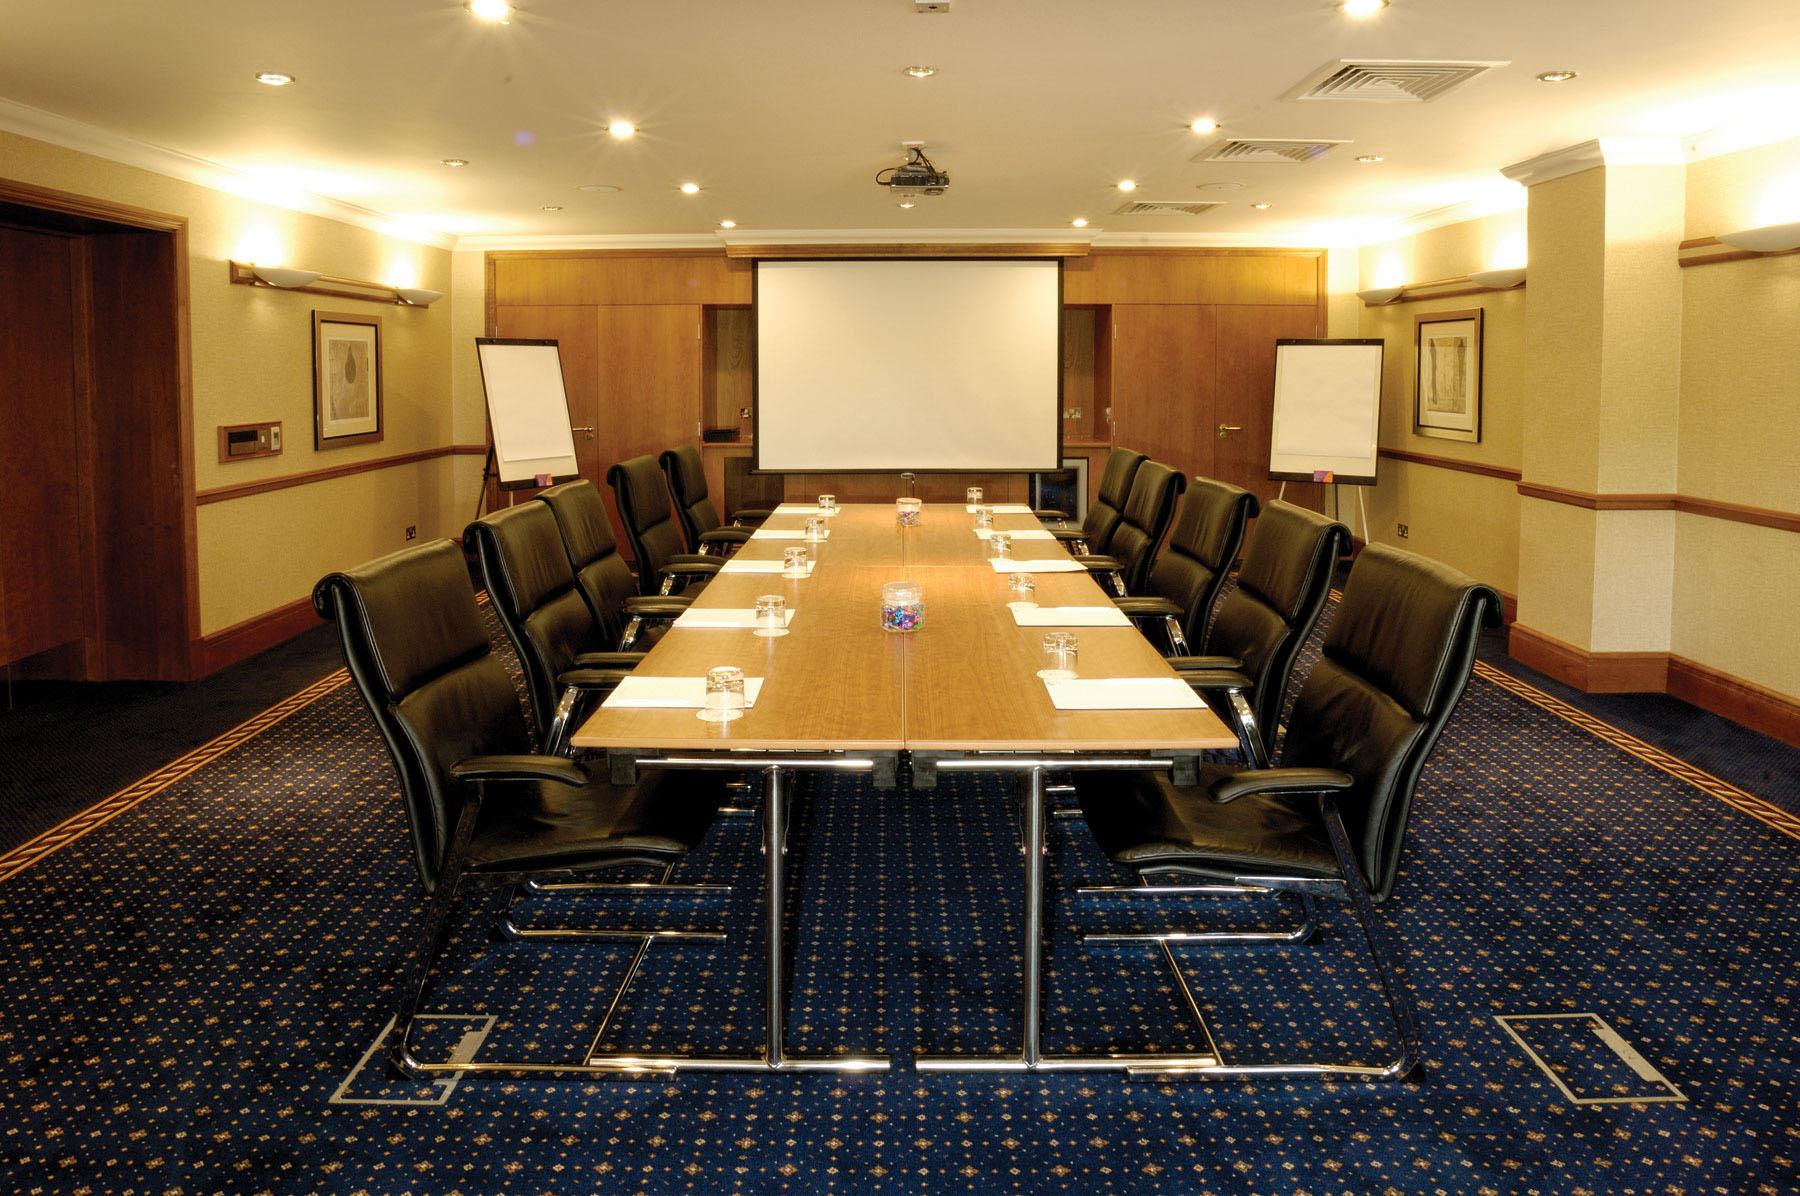 Cho thuê phòng họp theo giờ tại Giá Rẻ tại Hà Nội